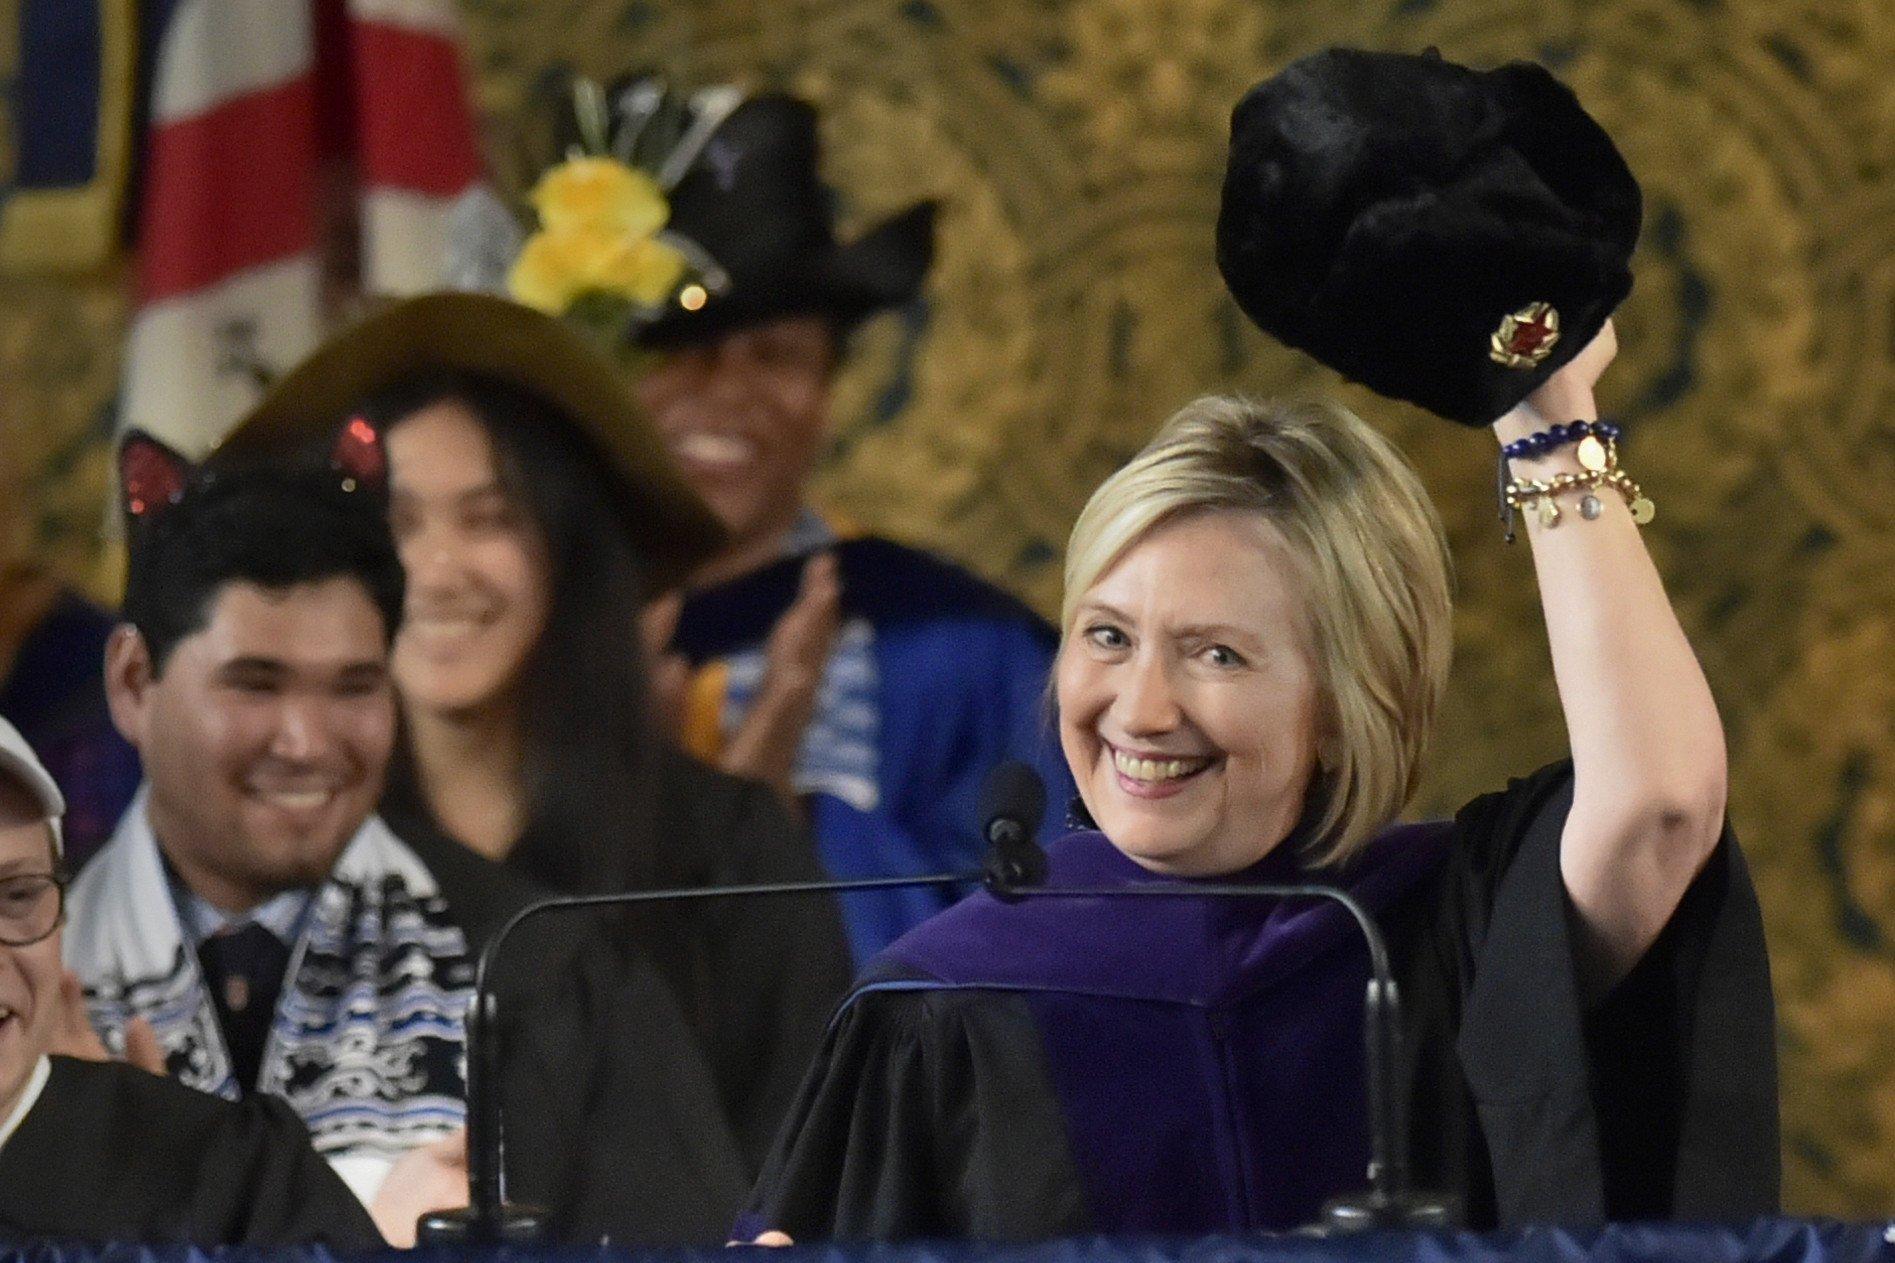 «Вступай вихряды»: Клинтон похвасталась шапкой-ушанкой перед выпускниками